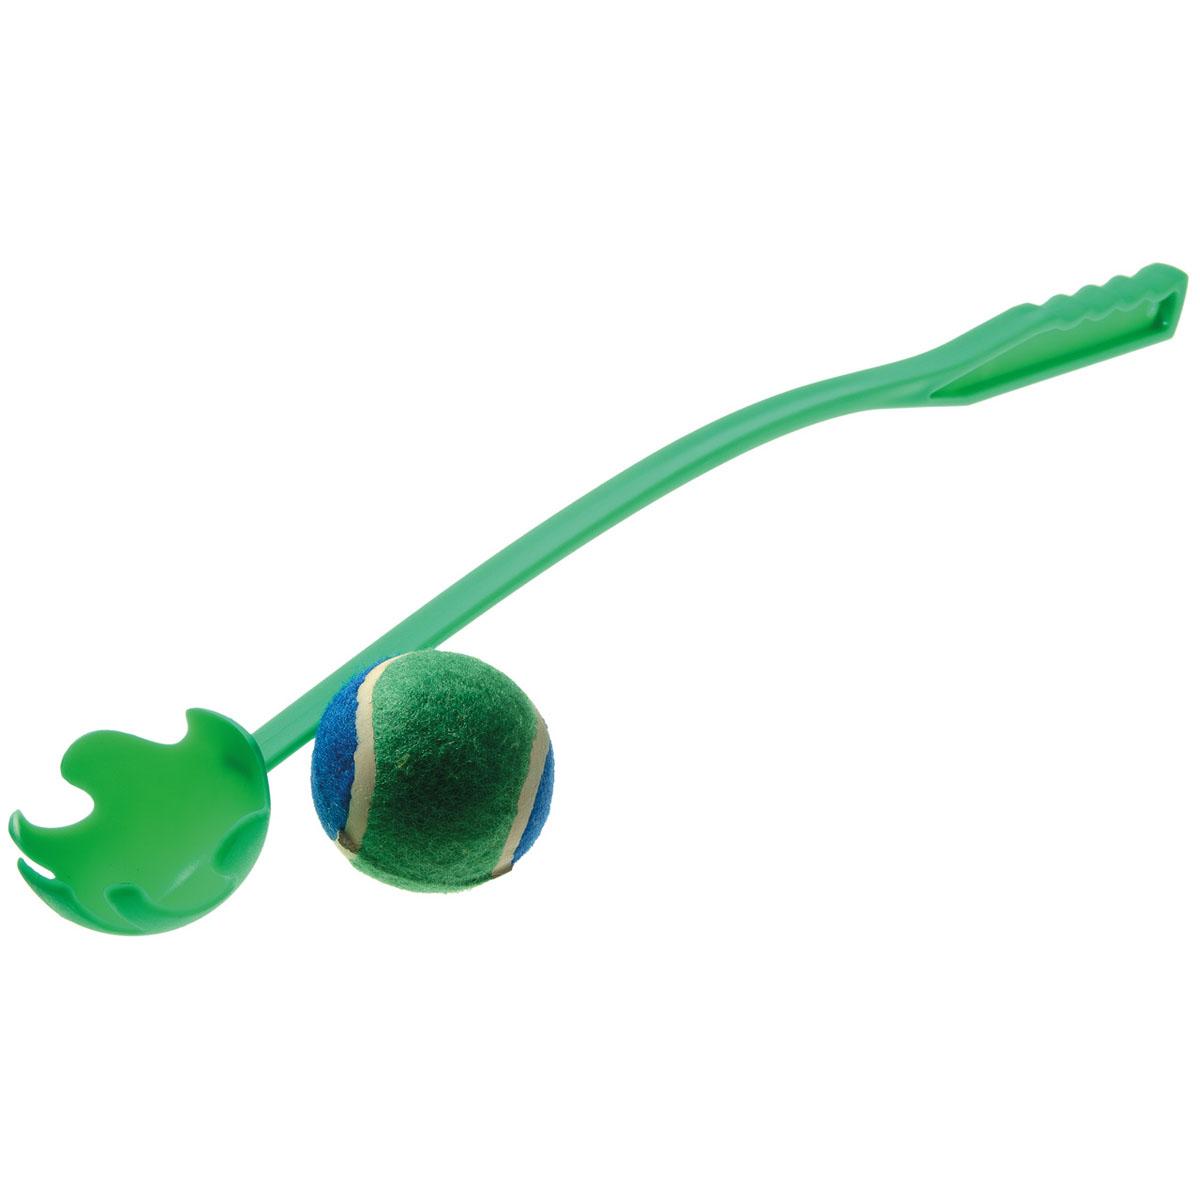 Игрушка для собак V.I.Pet Катапульта ручная, с мячом, цвет: зеленый, длина 50 см игрушка для собак safemade biggie bone цвет зеленый длина 20 см